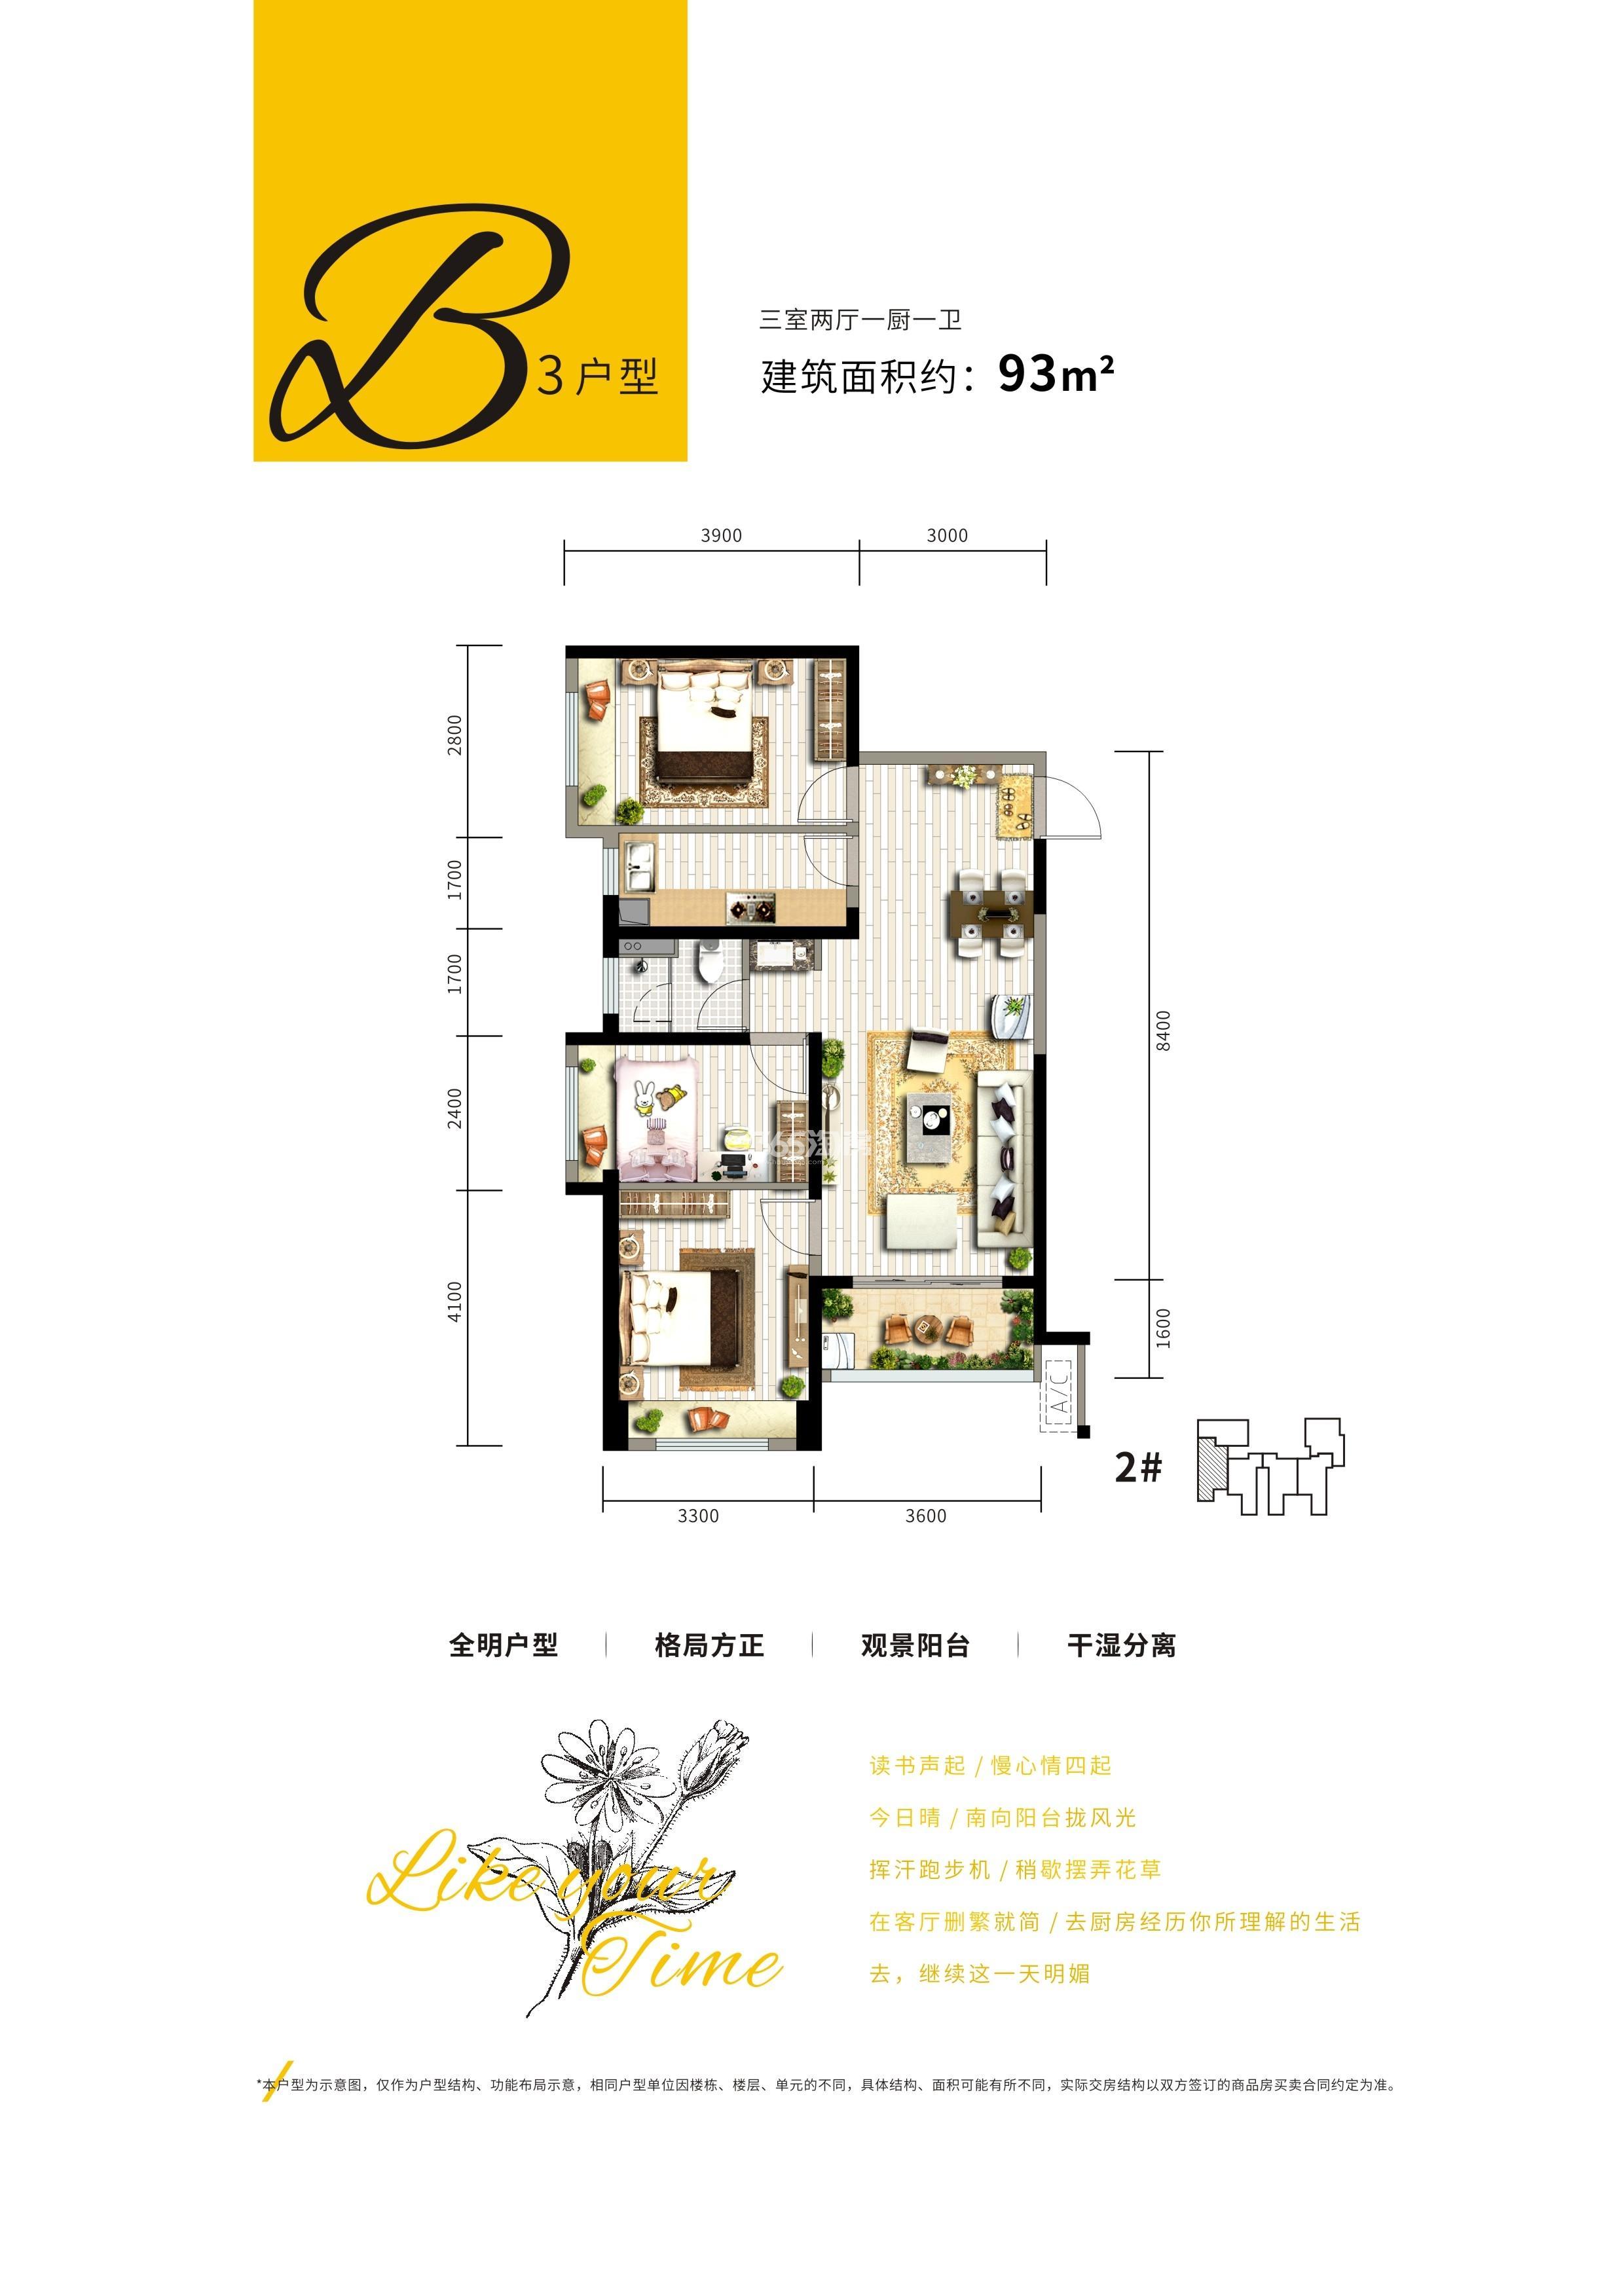 华远海蓝城6期B3户型三室两厅一厨一卫93㎡